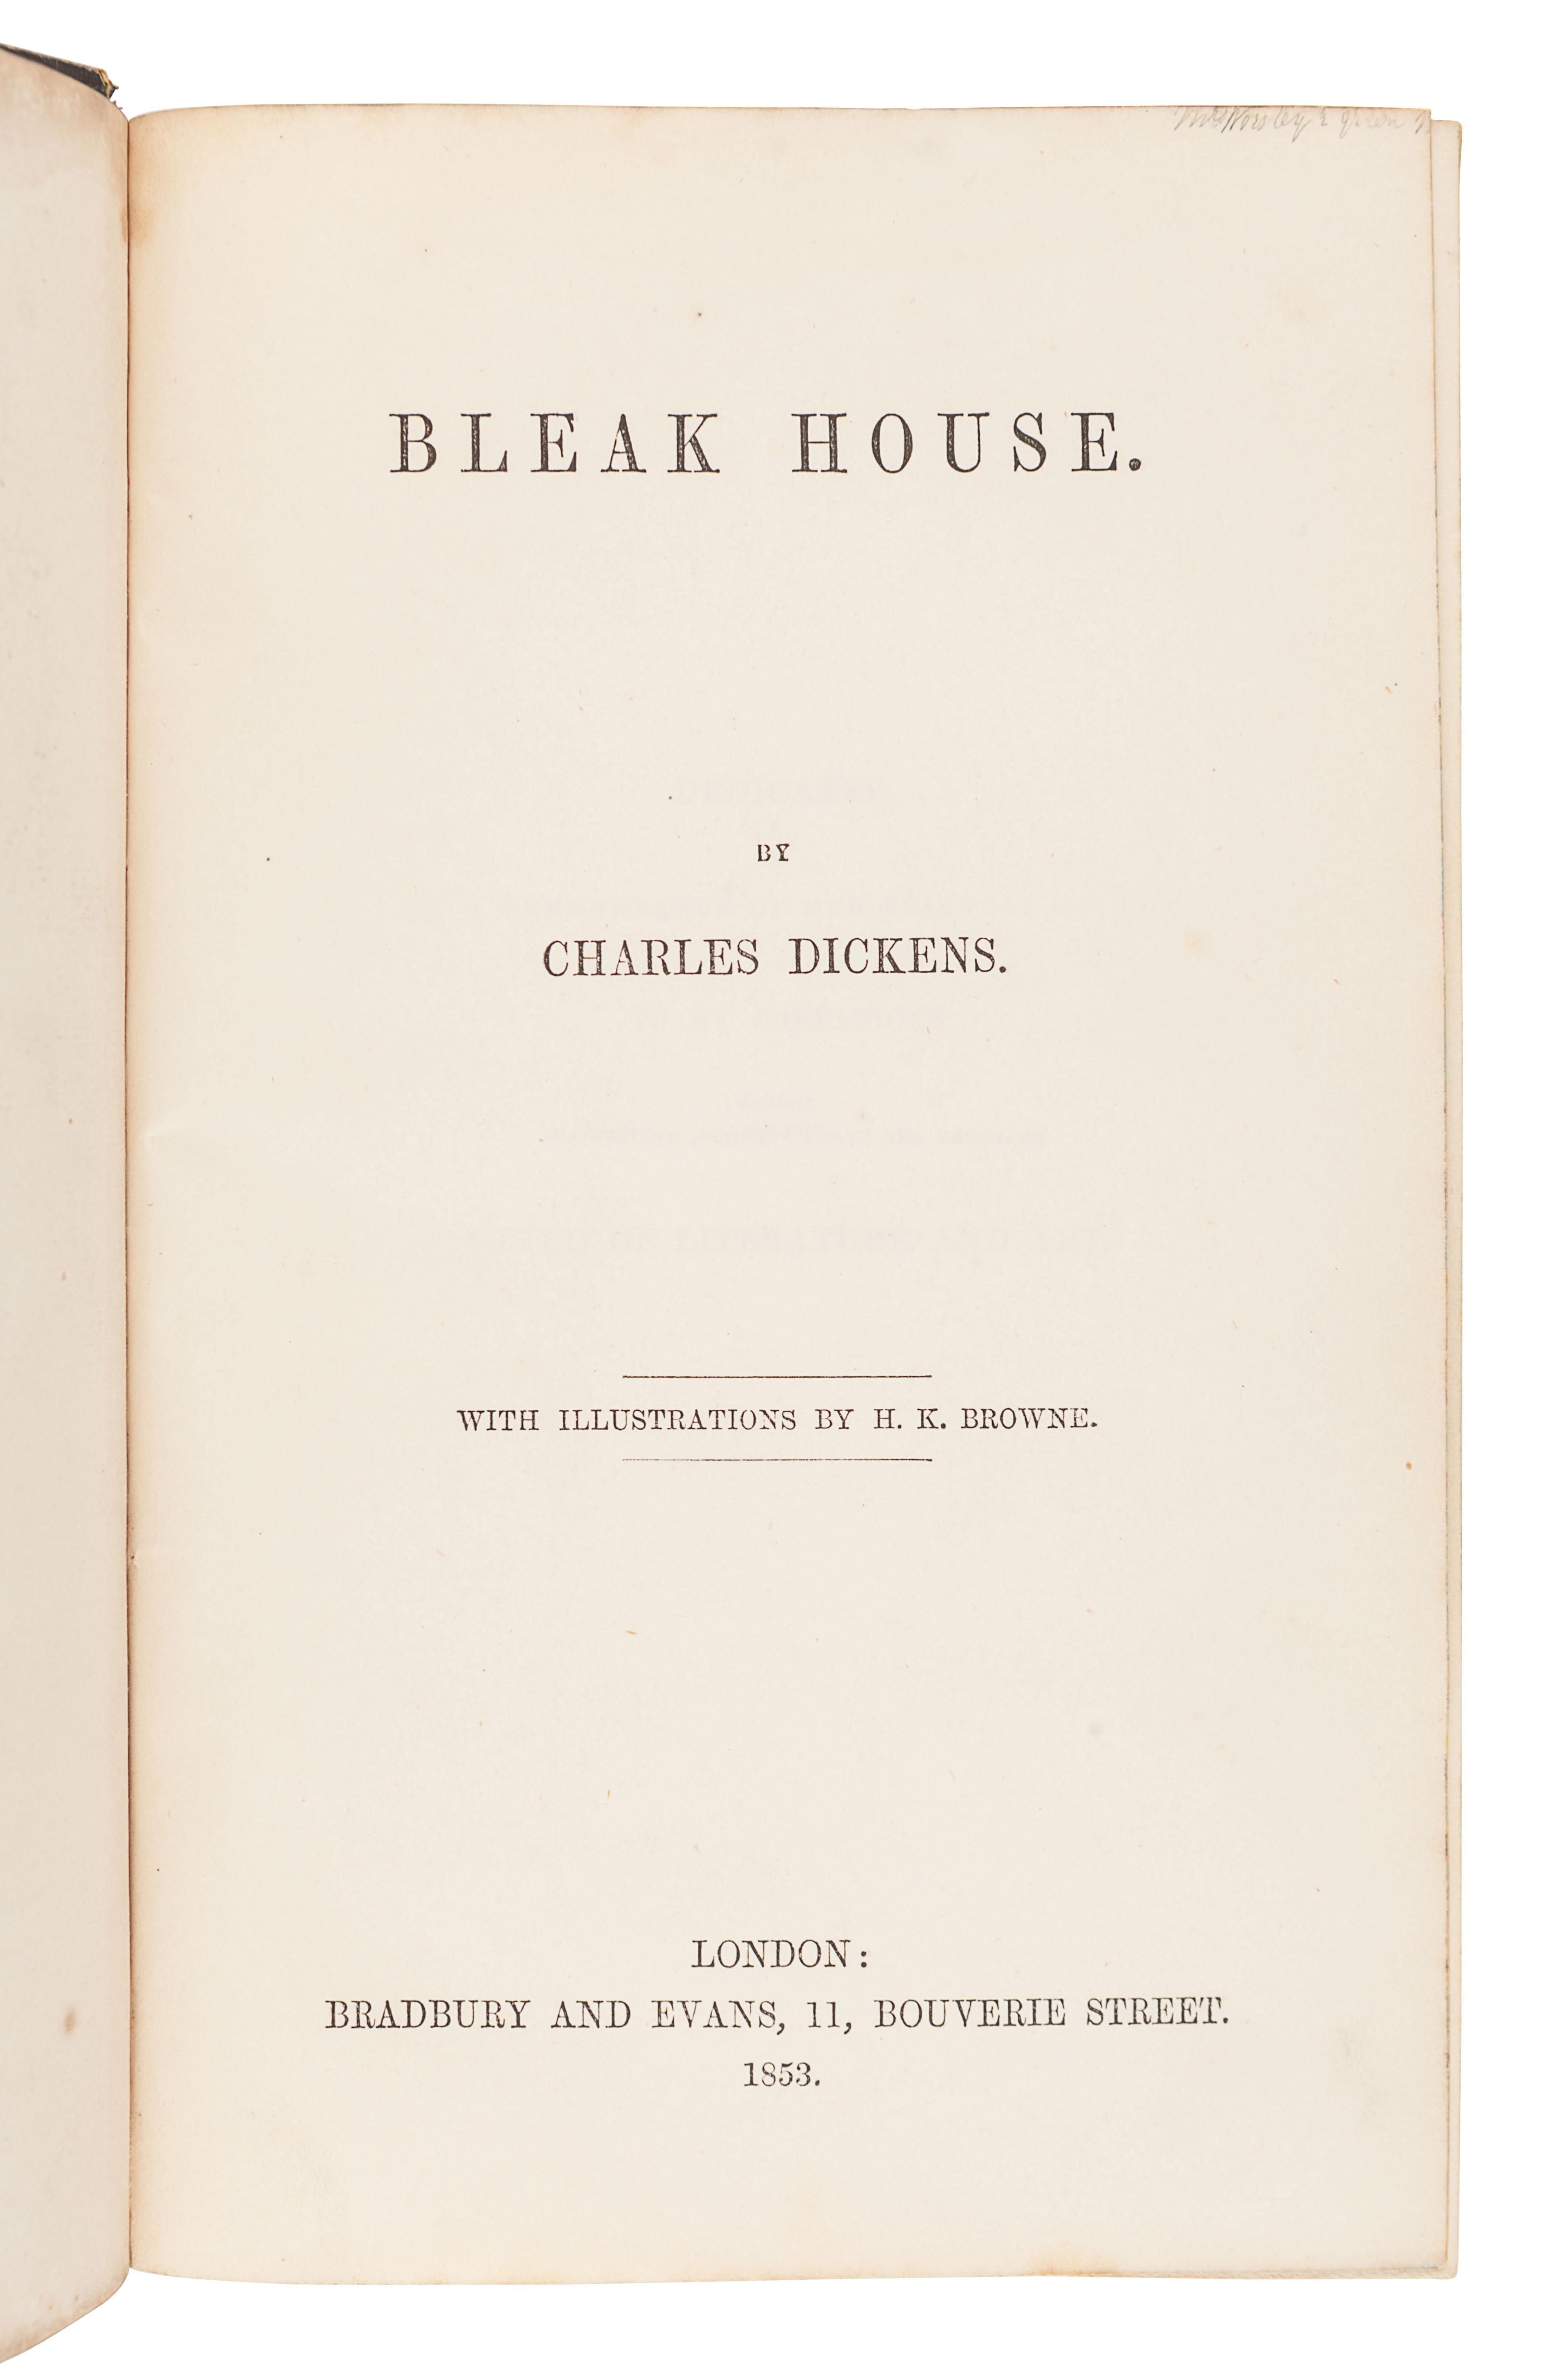 DICKENS, Charles (1812-1870). Bleak House. London: Bradbury & Evans, 1853.